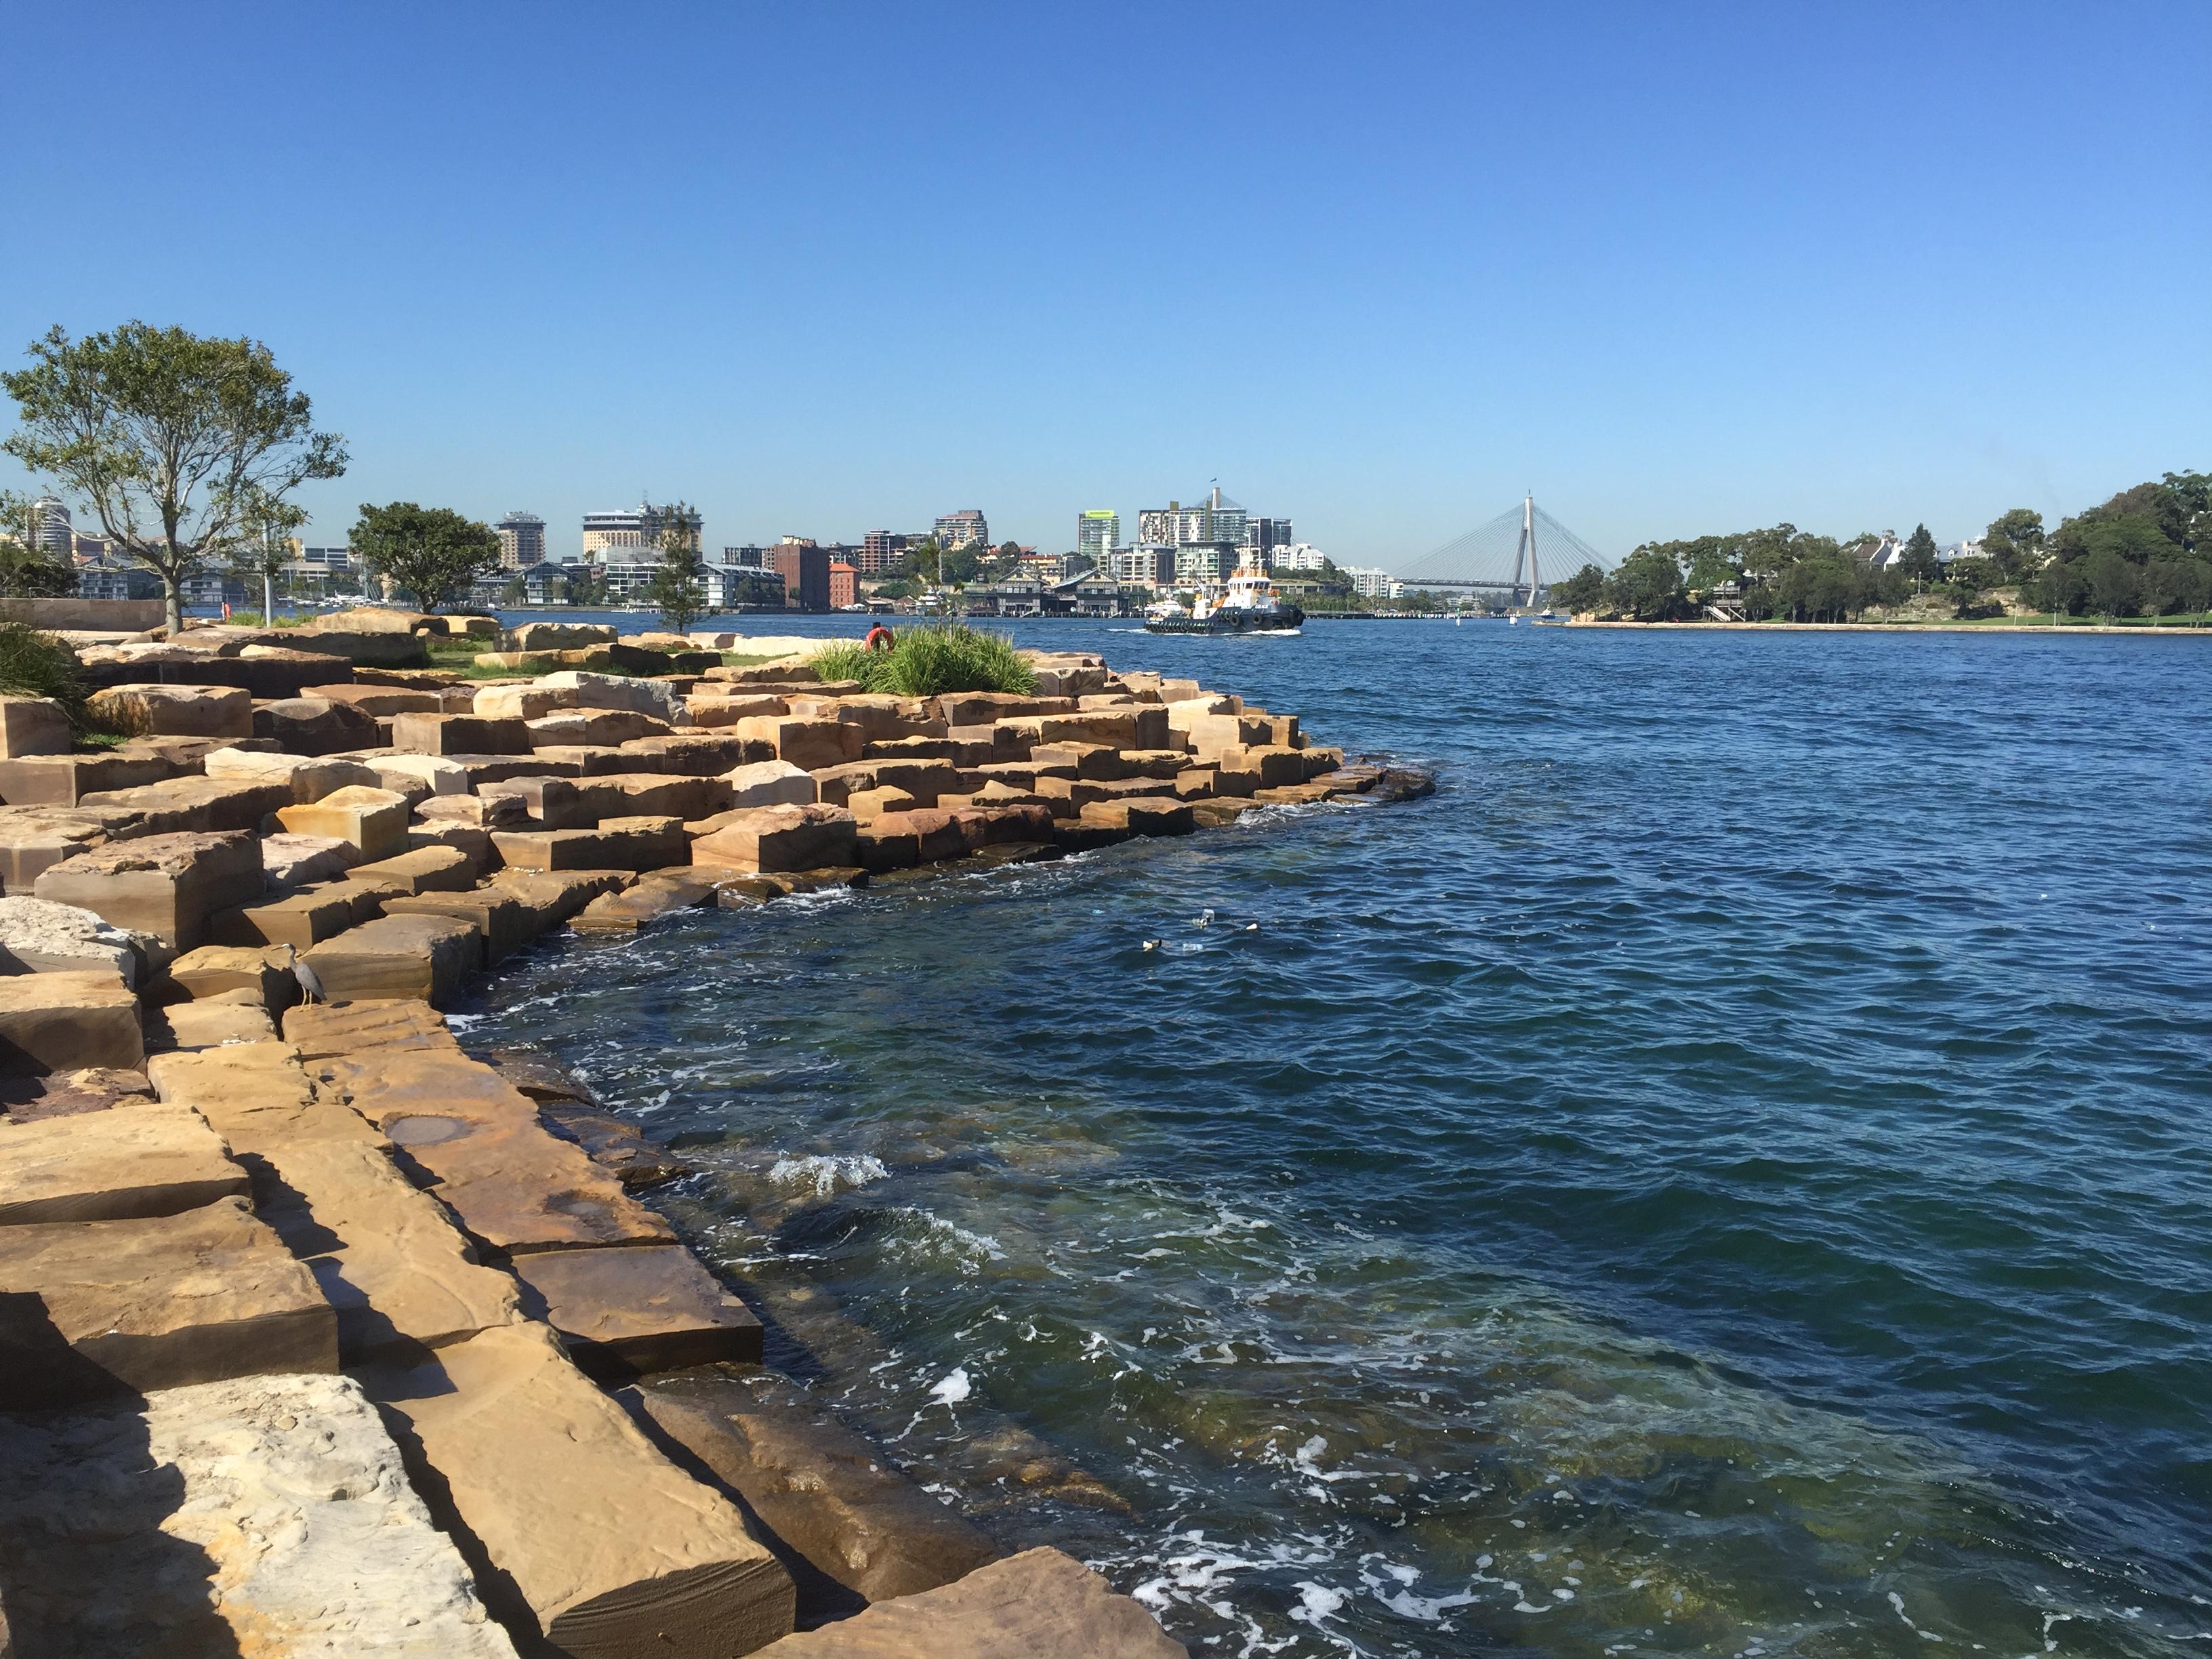 Intervenção antrópica  na orla de Sidney (Austrália) para conter o avanço do mar e ao mesmo tempo propiciar o desenvolvimento da biodiversidade natural. Foto: Paula Kasten